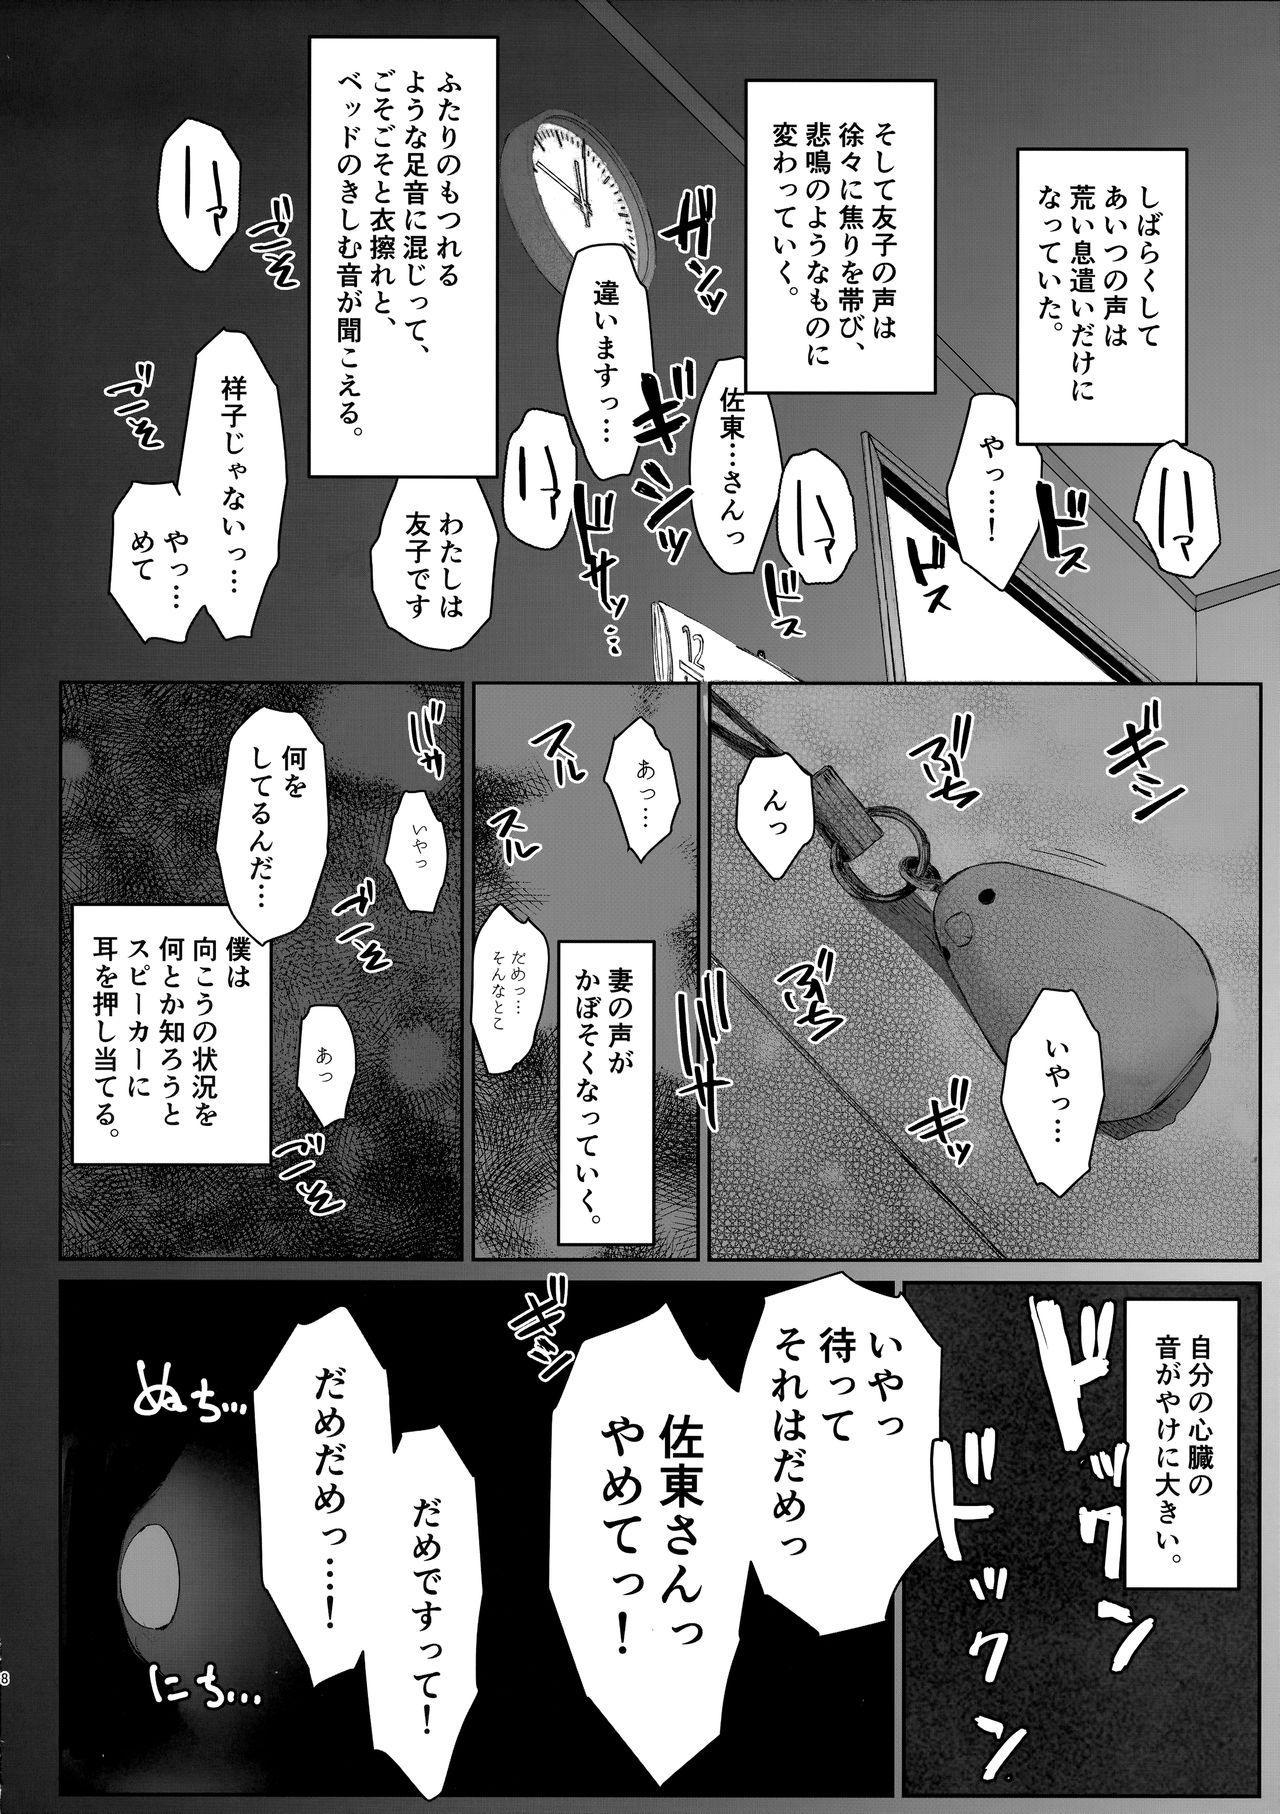 Tsuma no Imouto no Danna ga Ie ni Kiteiruyoudesu. 5